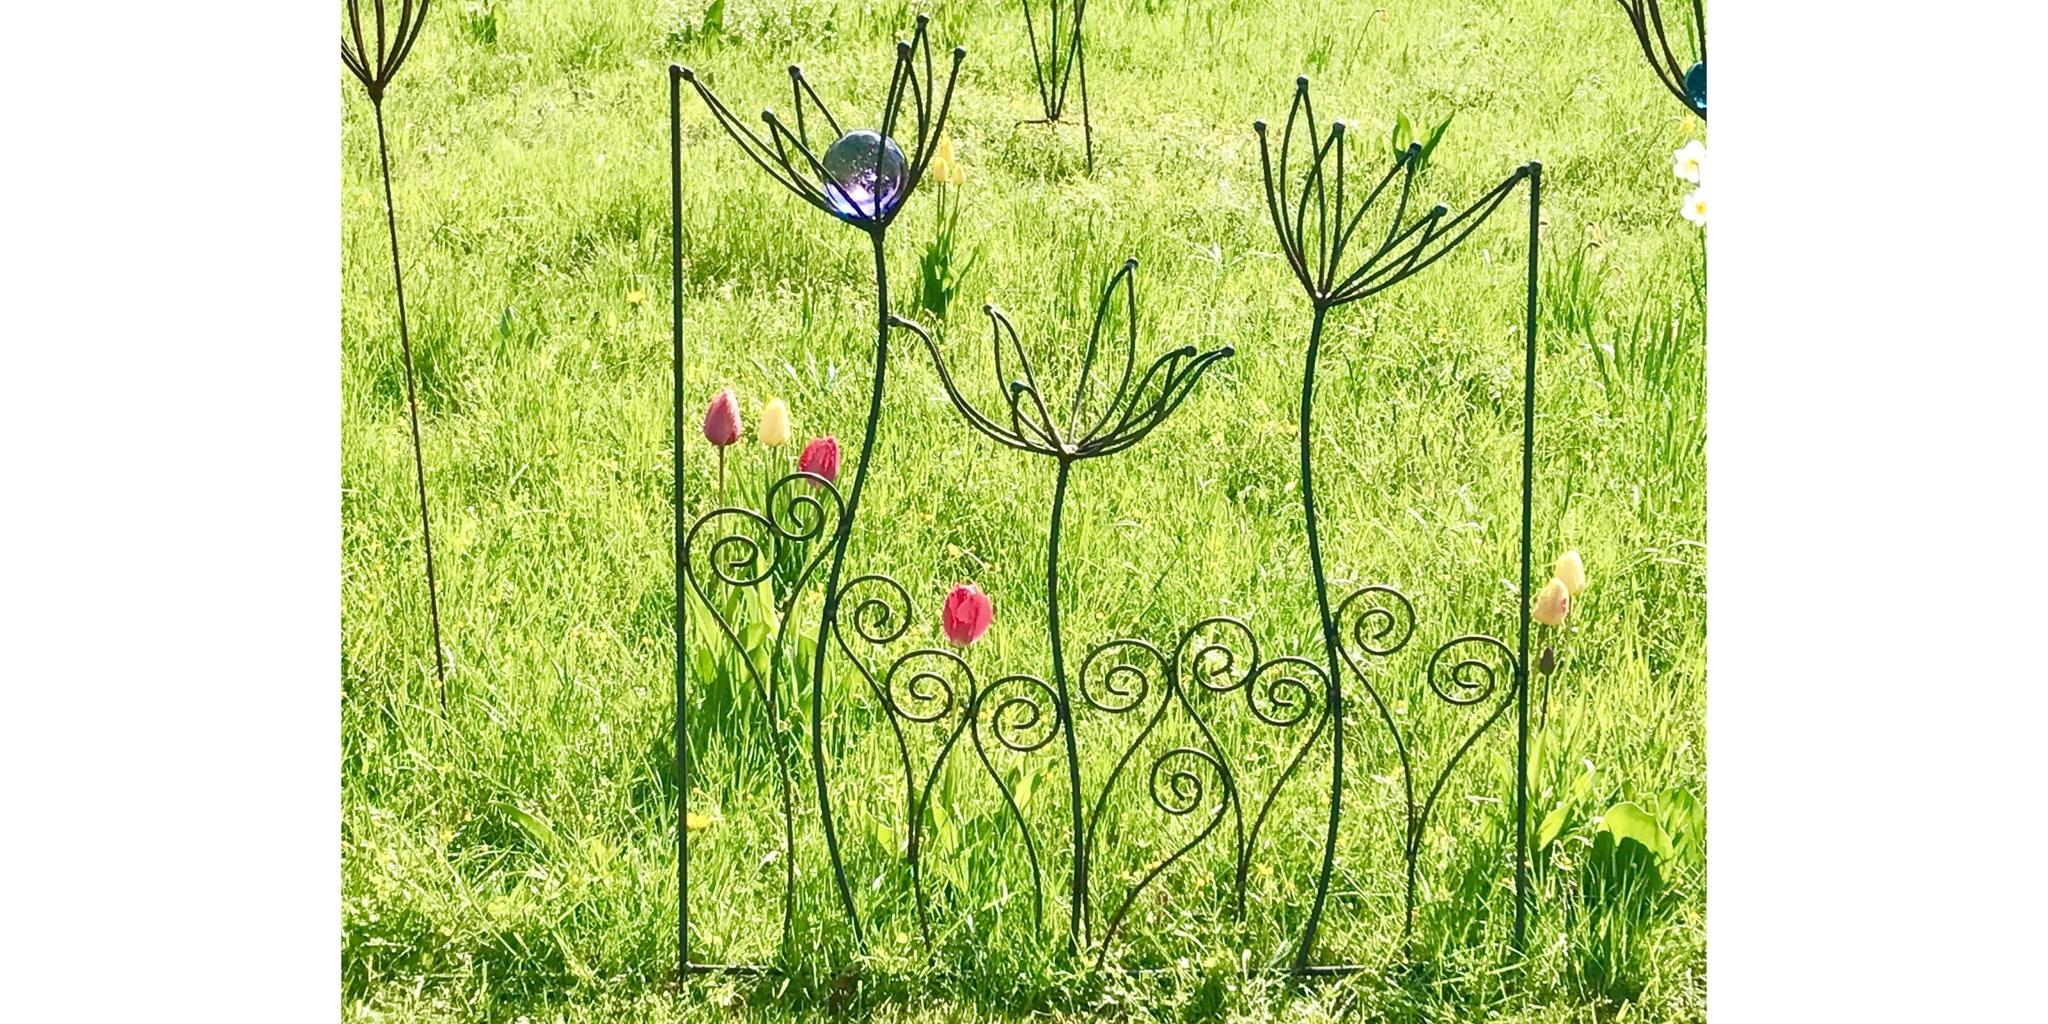 Gartenkunst Dürkop - Rankgerüste, Zaunelemente und Skulpturen aus geschweißtem Rundeisen